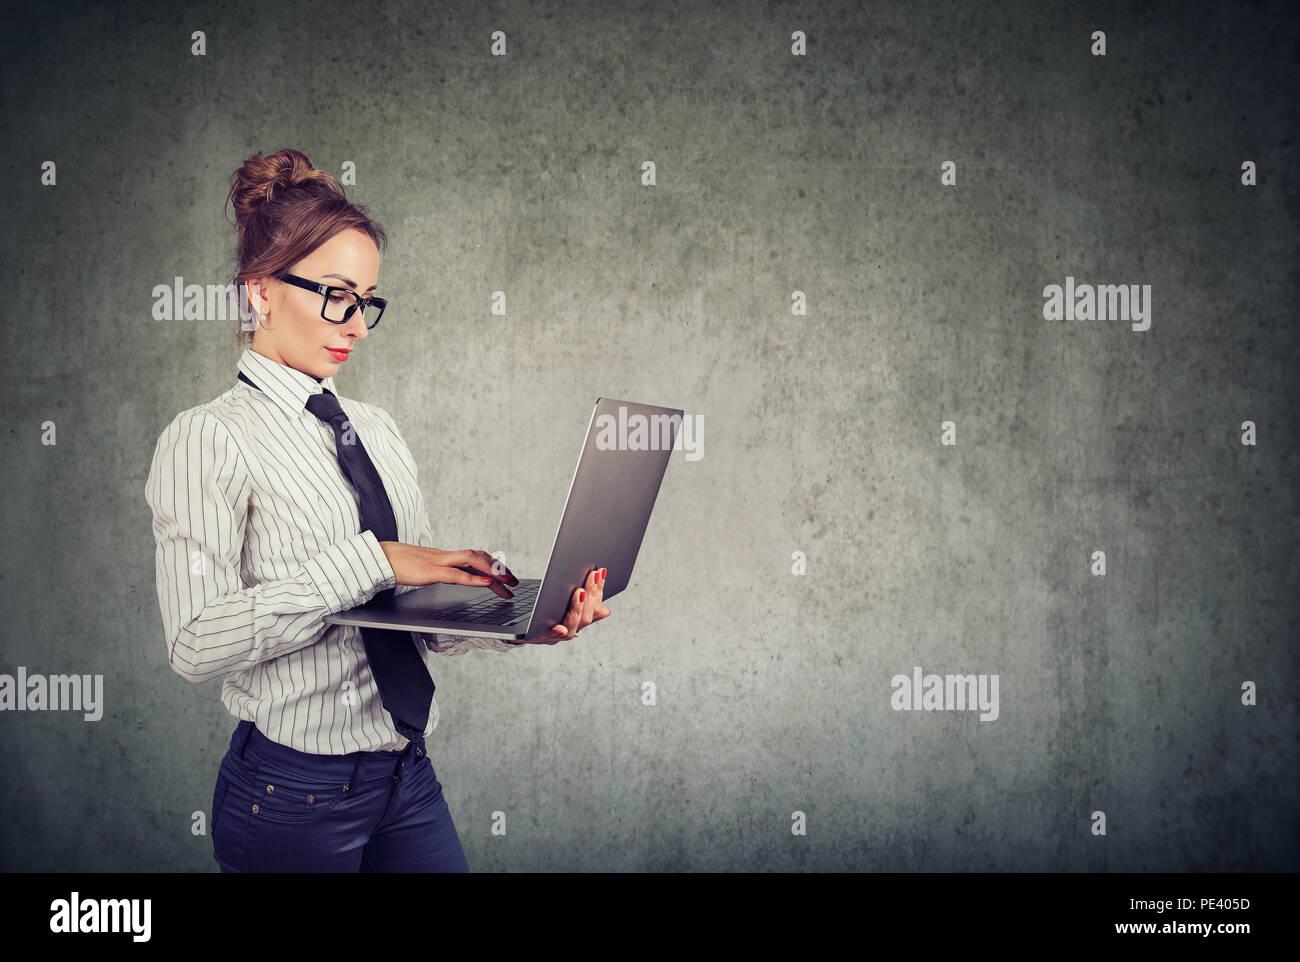 Professionnel sérieux femme en tenue officielle et verres à l'aide d'ordinateur portable et de travail contre mur gris Photo Stock